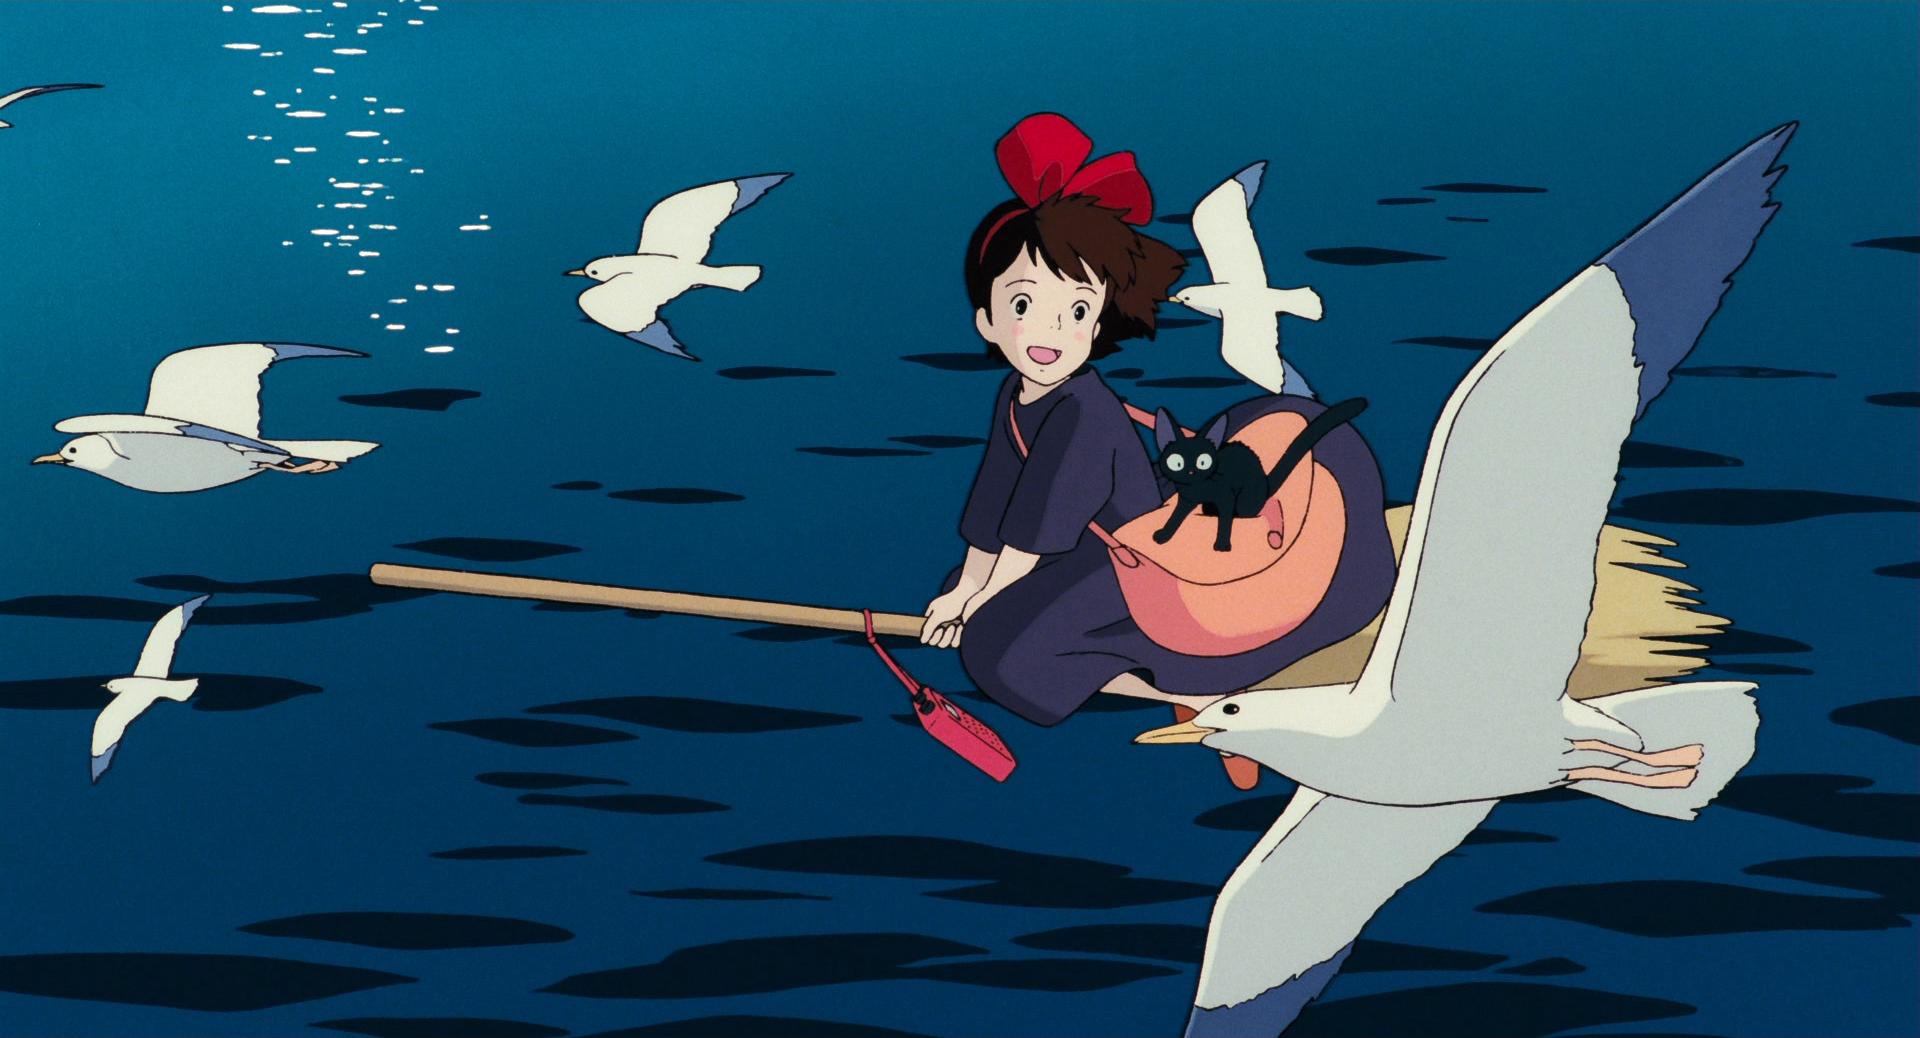 (Ri)scoprire Hayao Miyazaki su Netflix: mostrare la società attraverso l'incanto